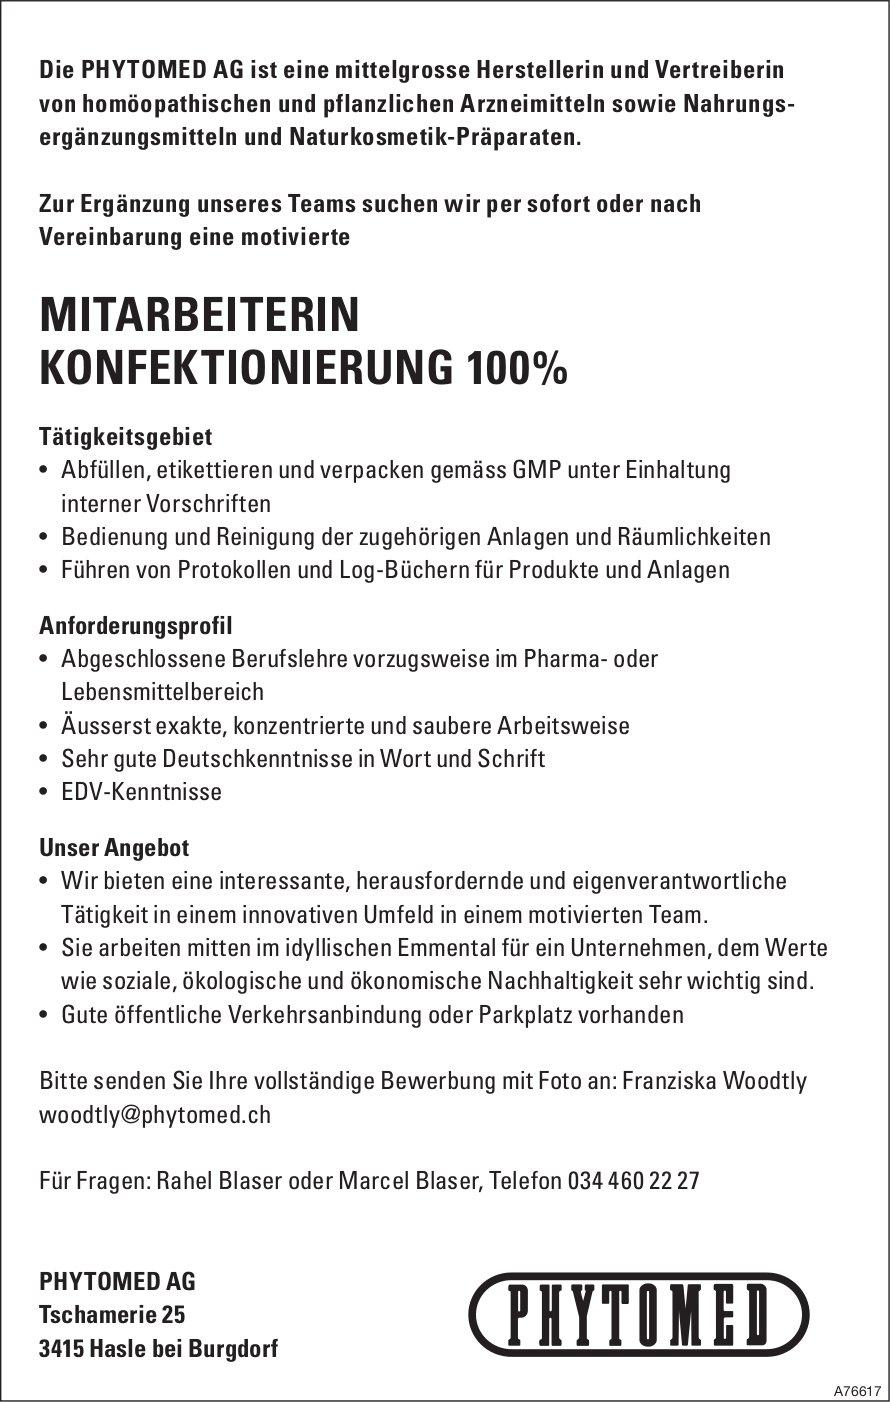 MITARBEITERIN KONFEKTIONIERUNG 100% BEI PHYTOMED AG GESUCHT